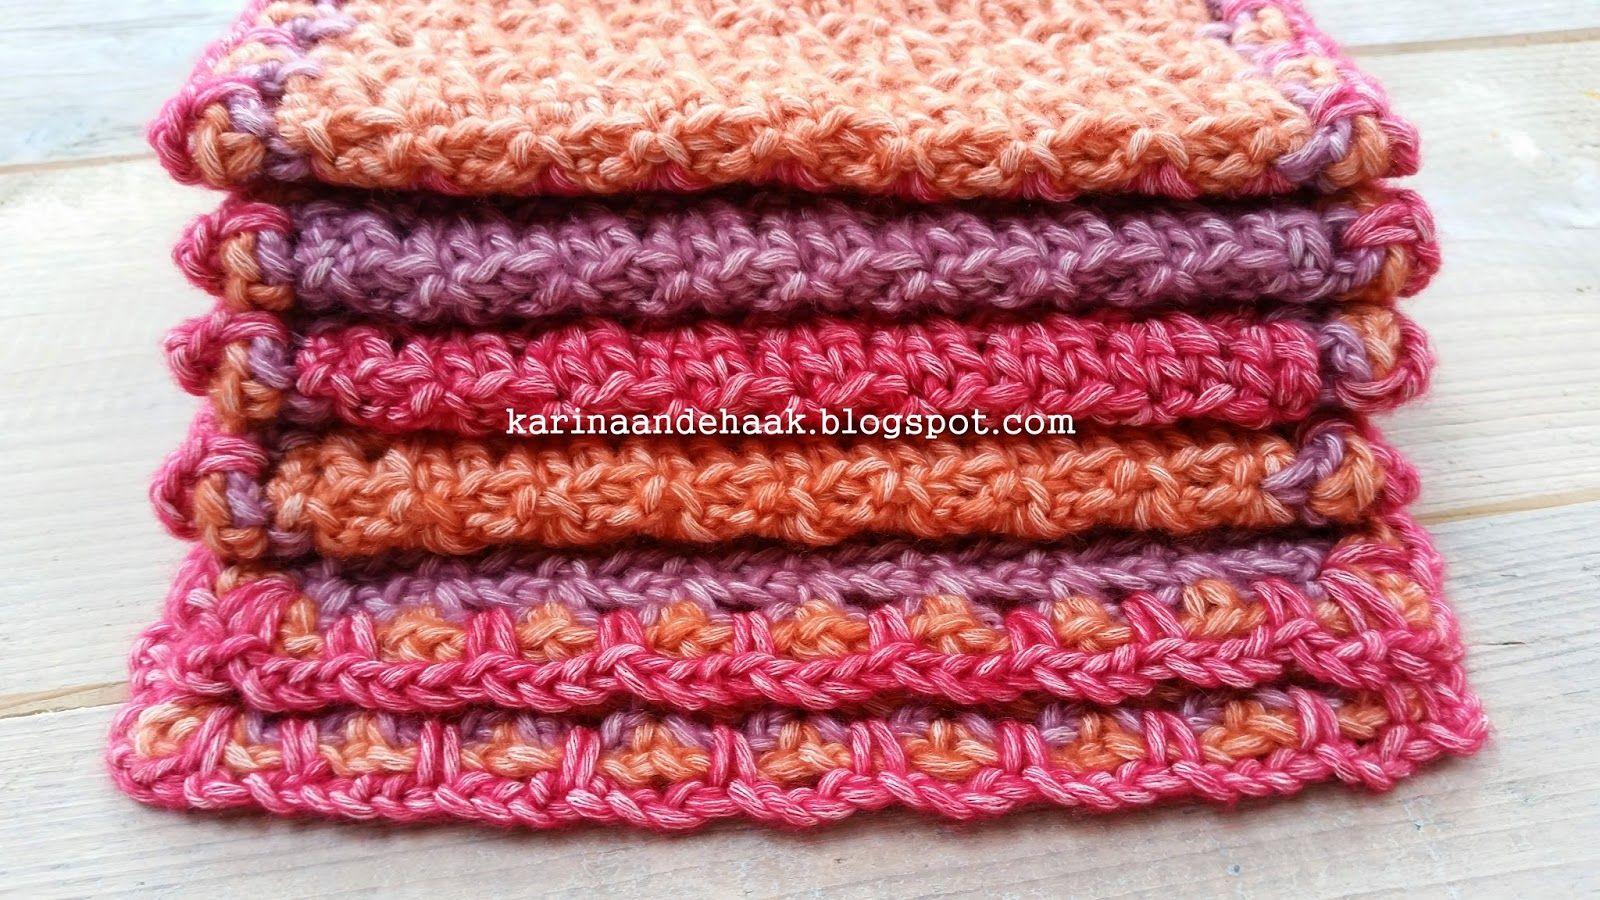 Karin aan de haak! Sjaal - Patroon in het Nederlands